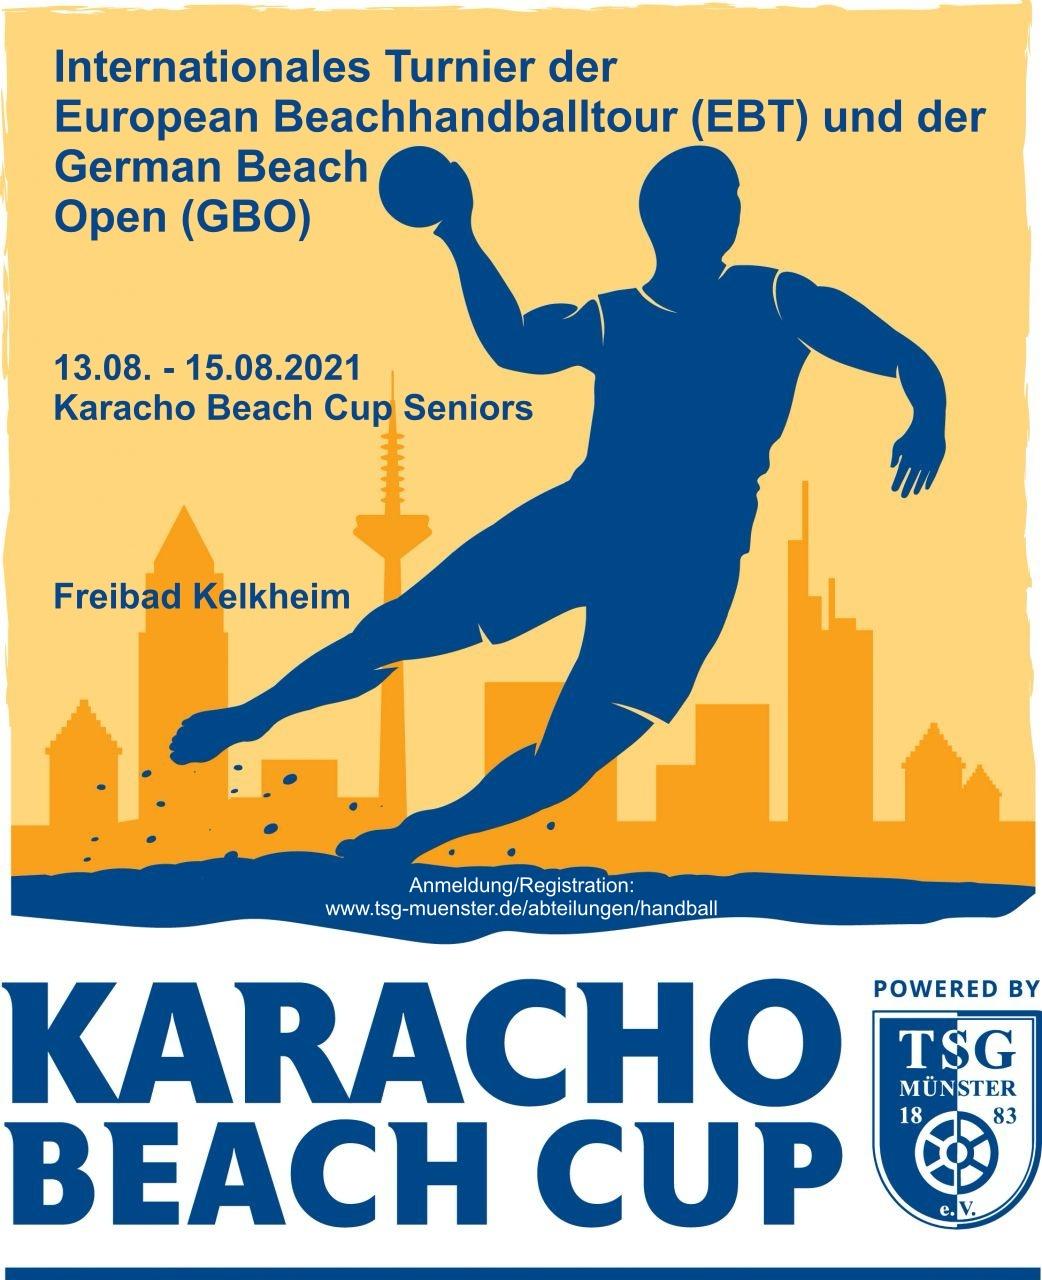 2021-06-17 Karacho Beach Cup 2021